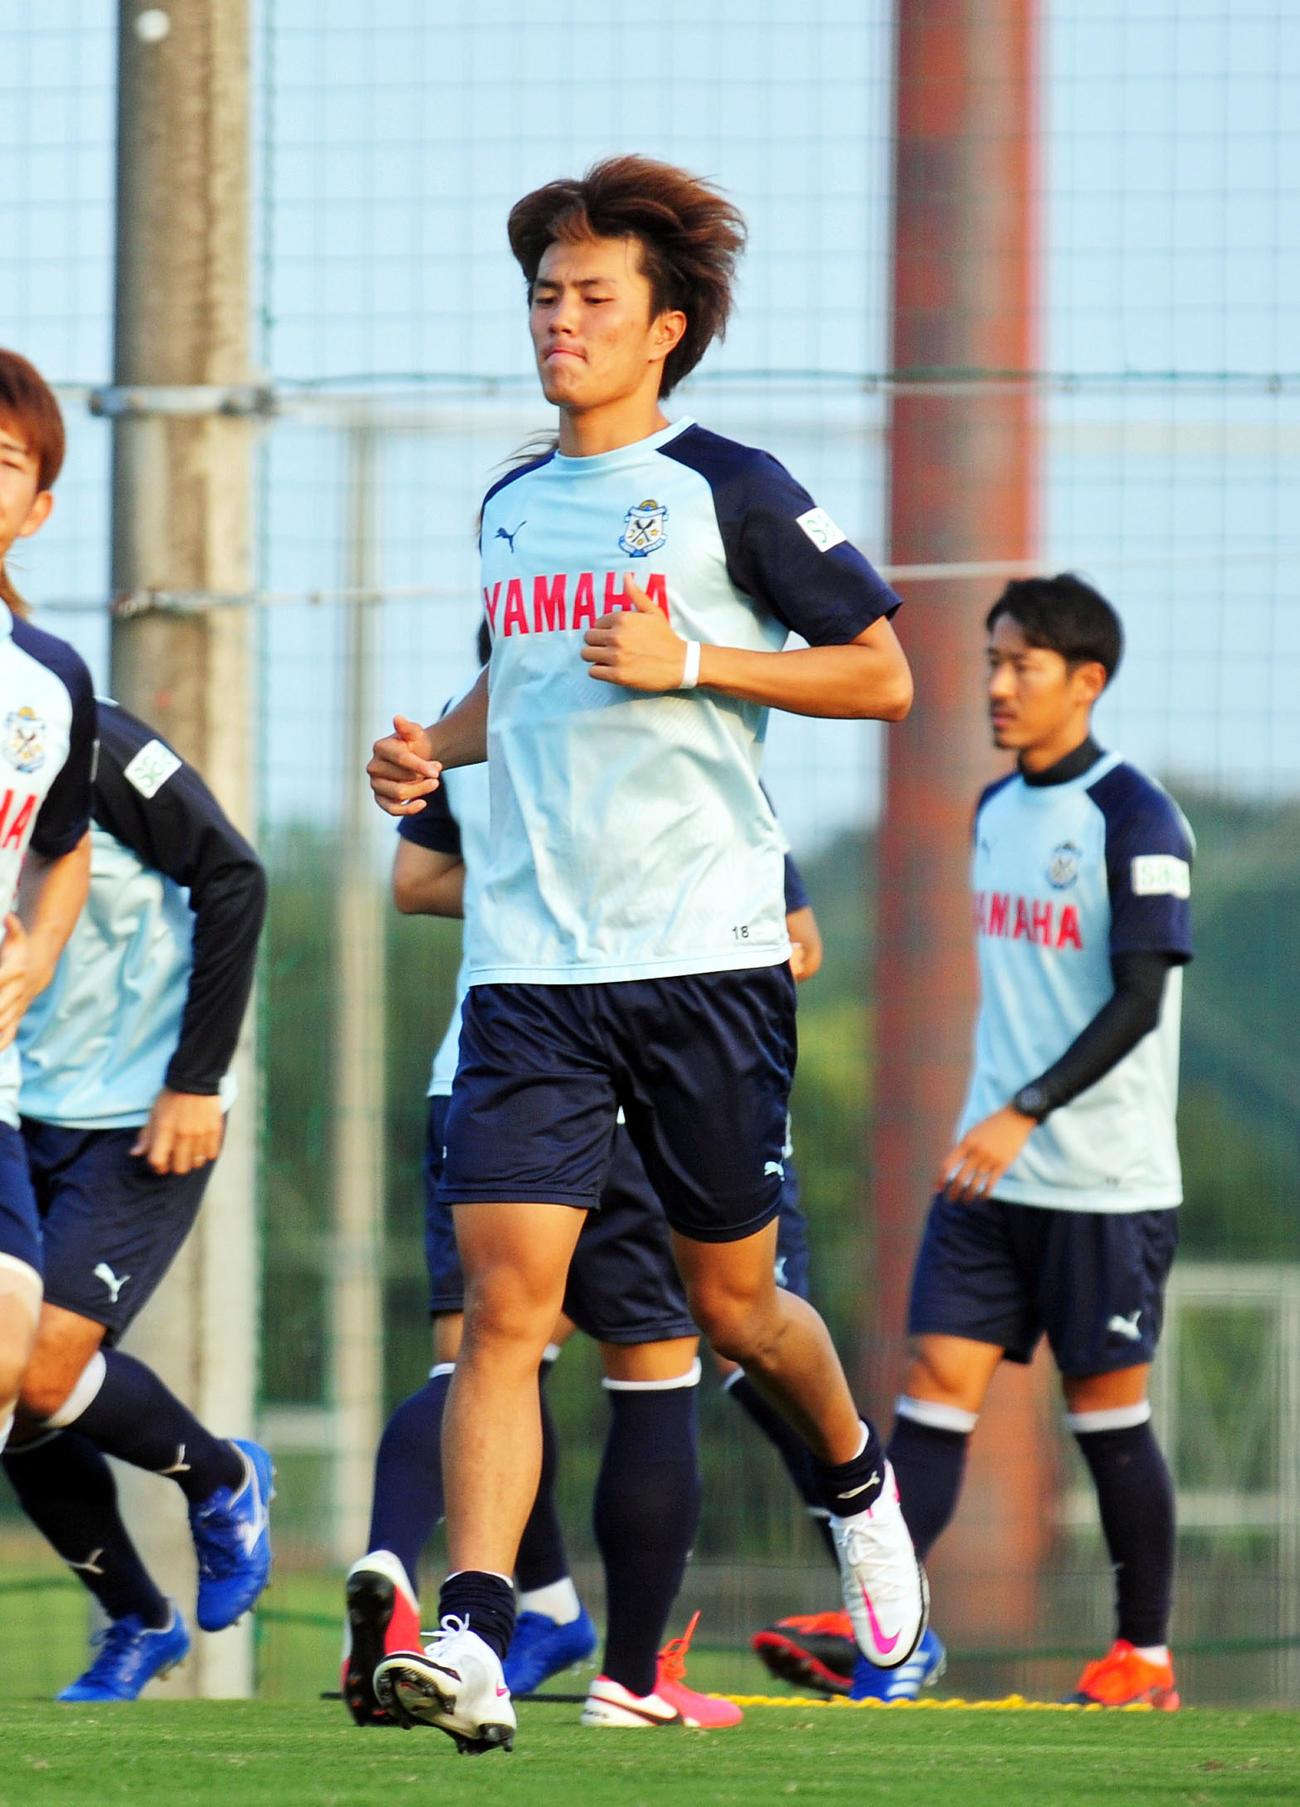 引き締まった表情でウオーミングアップに励む磐田FW小川航